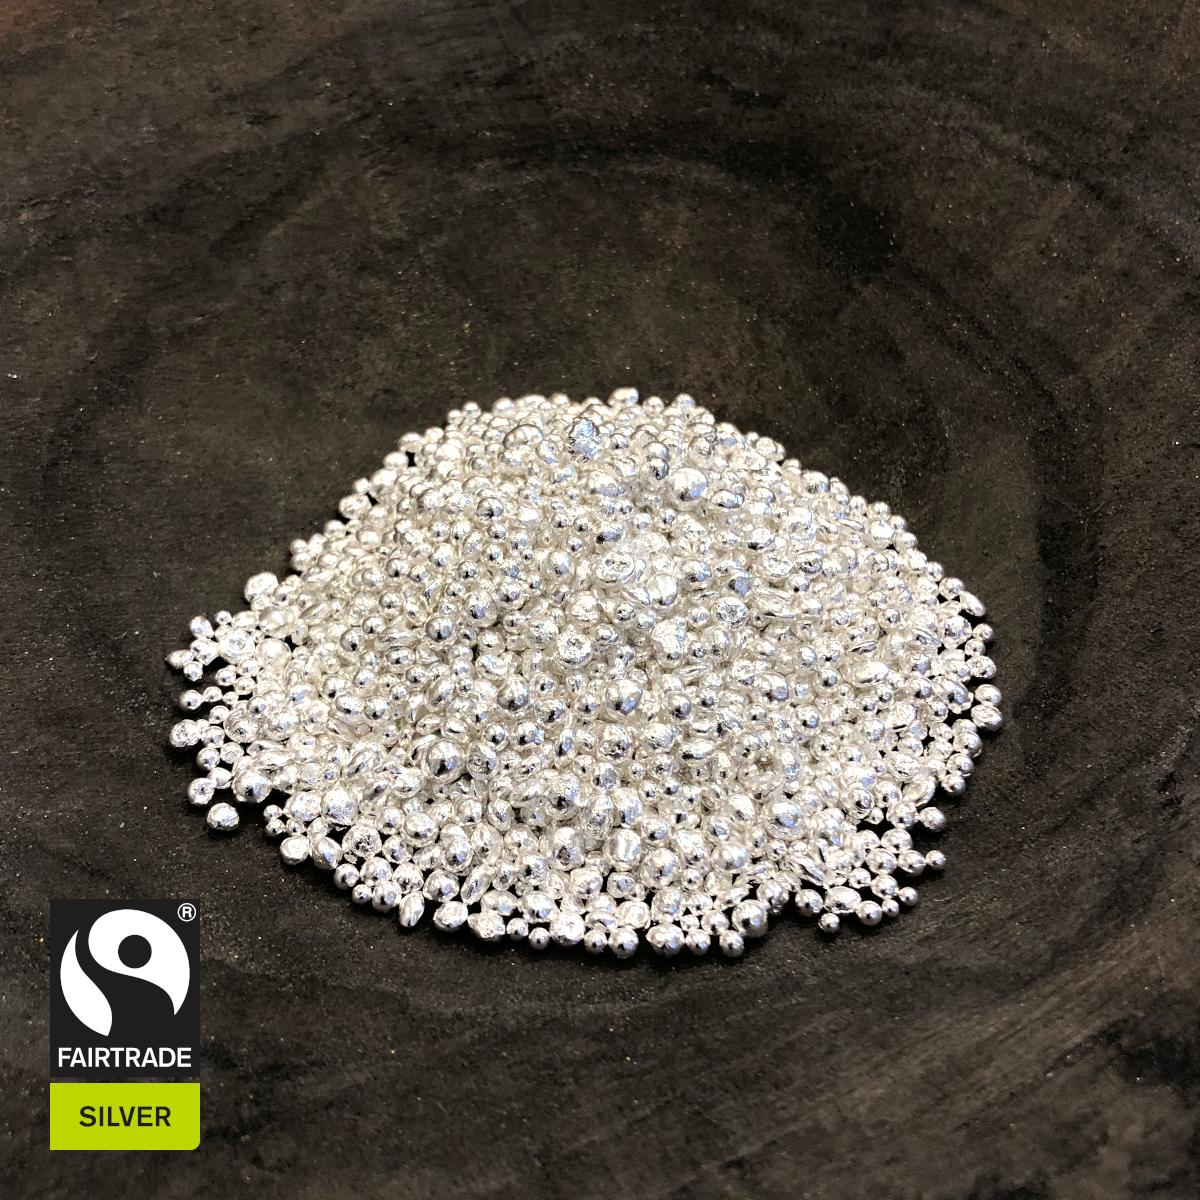 Fairtrade Silber